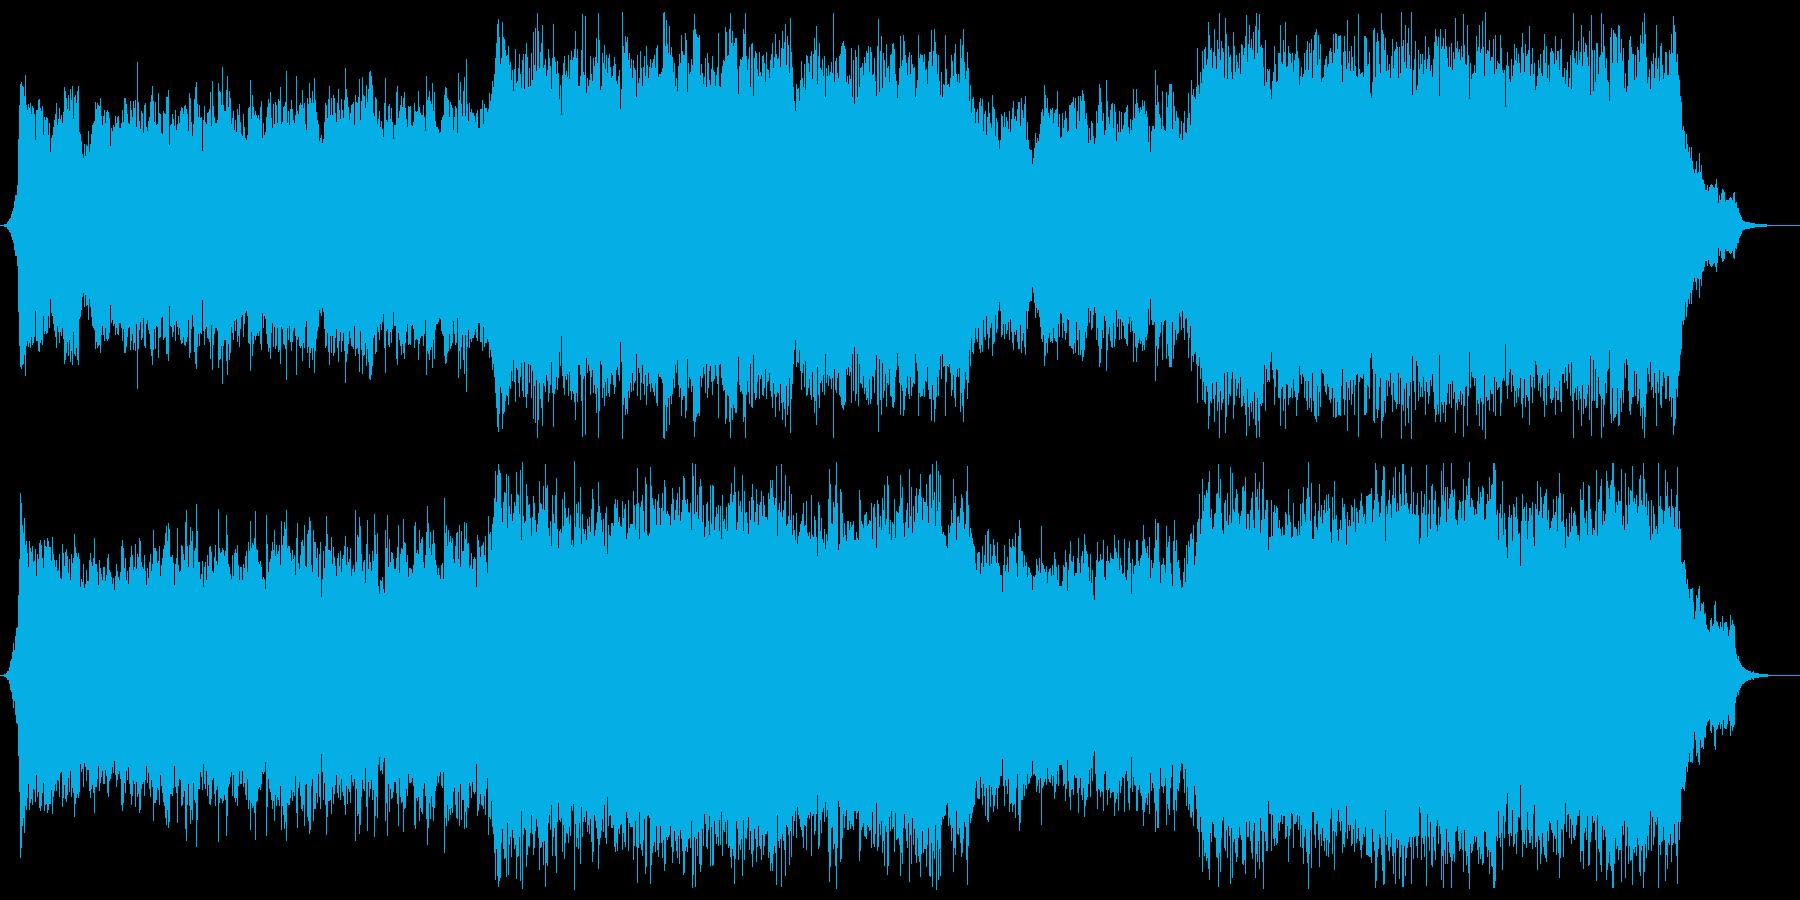 力強く鼓舞する壮大なシネマティックBGMの再生済みの波形